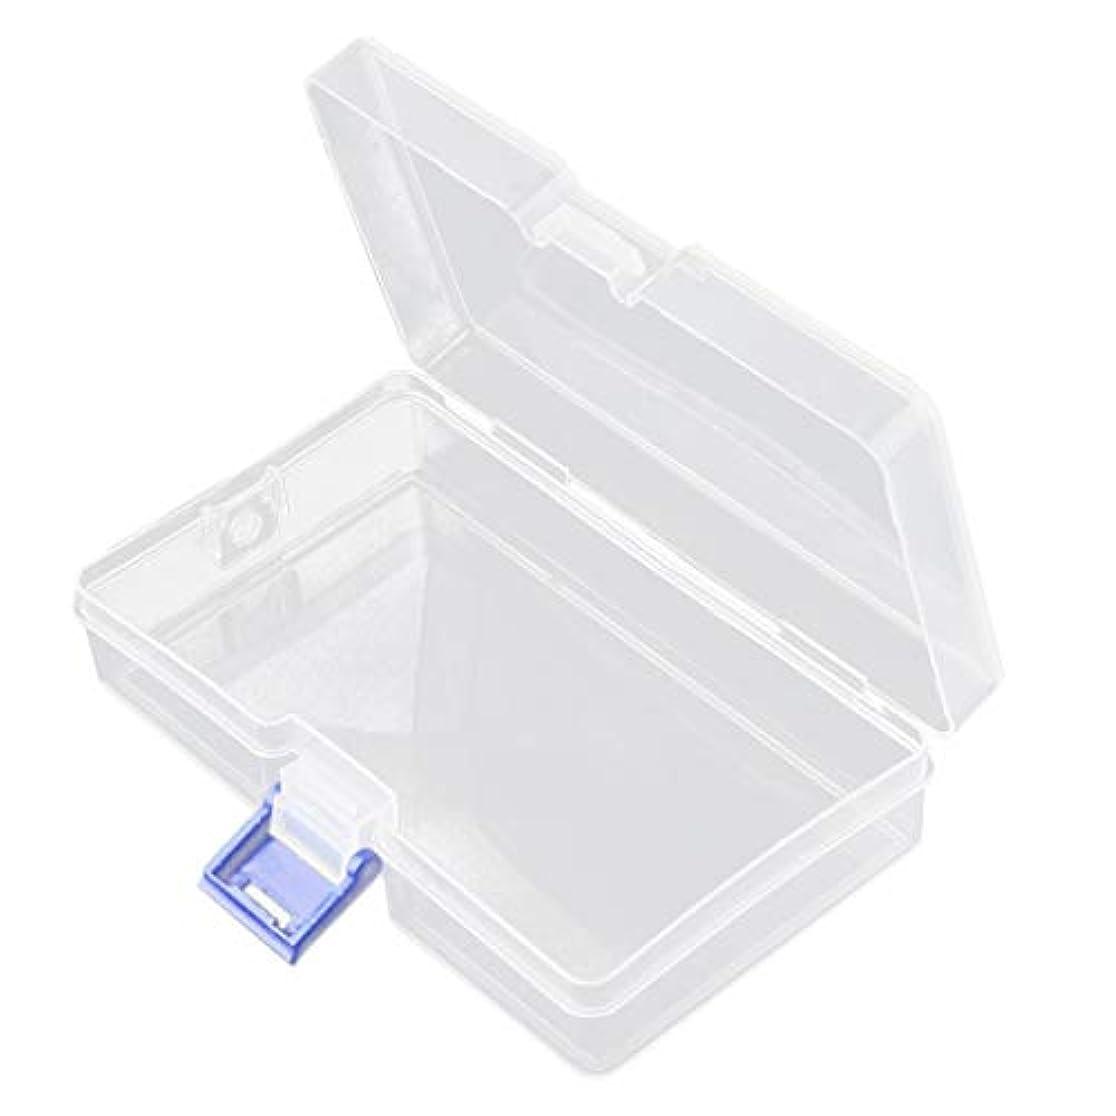 可塑性無能言語CUTICATE ネイルアート用品収納 ボックス アクセサリー収納 パーツケース ジュエリー 小物整理 ふた付